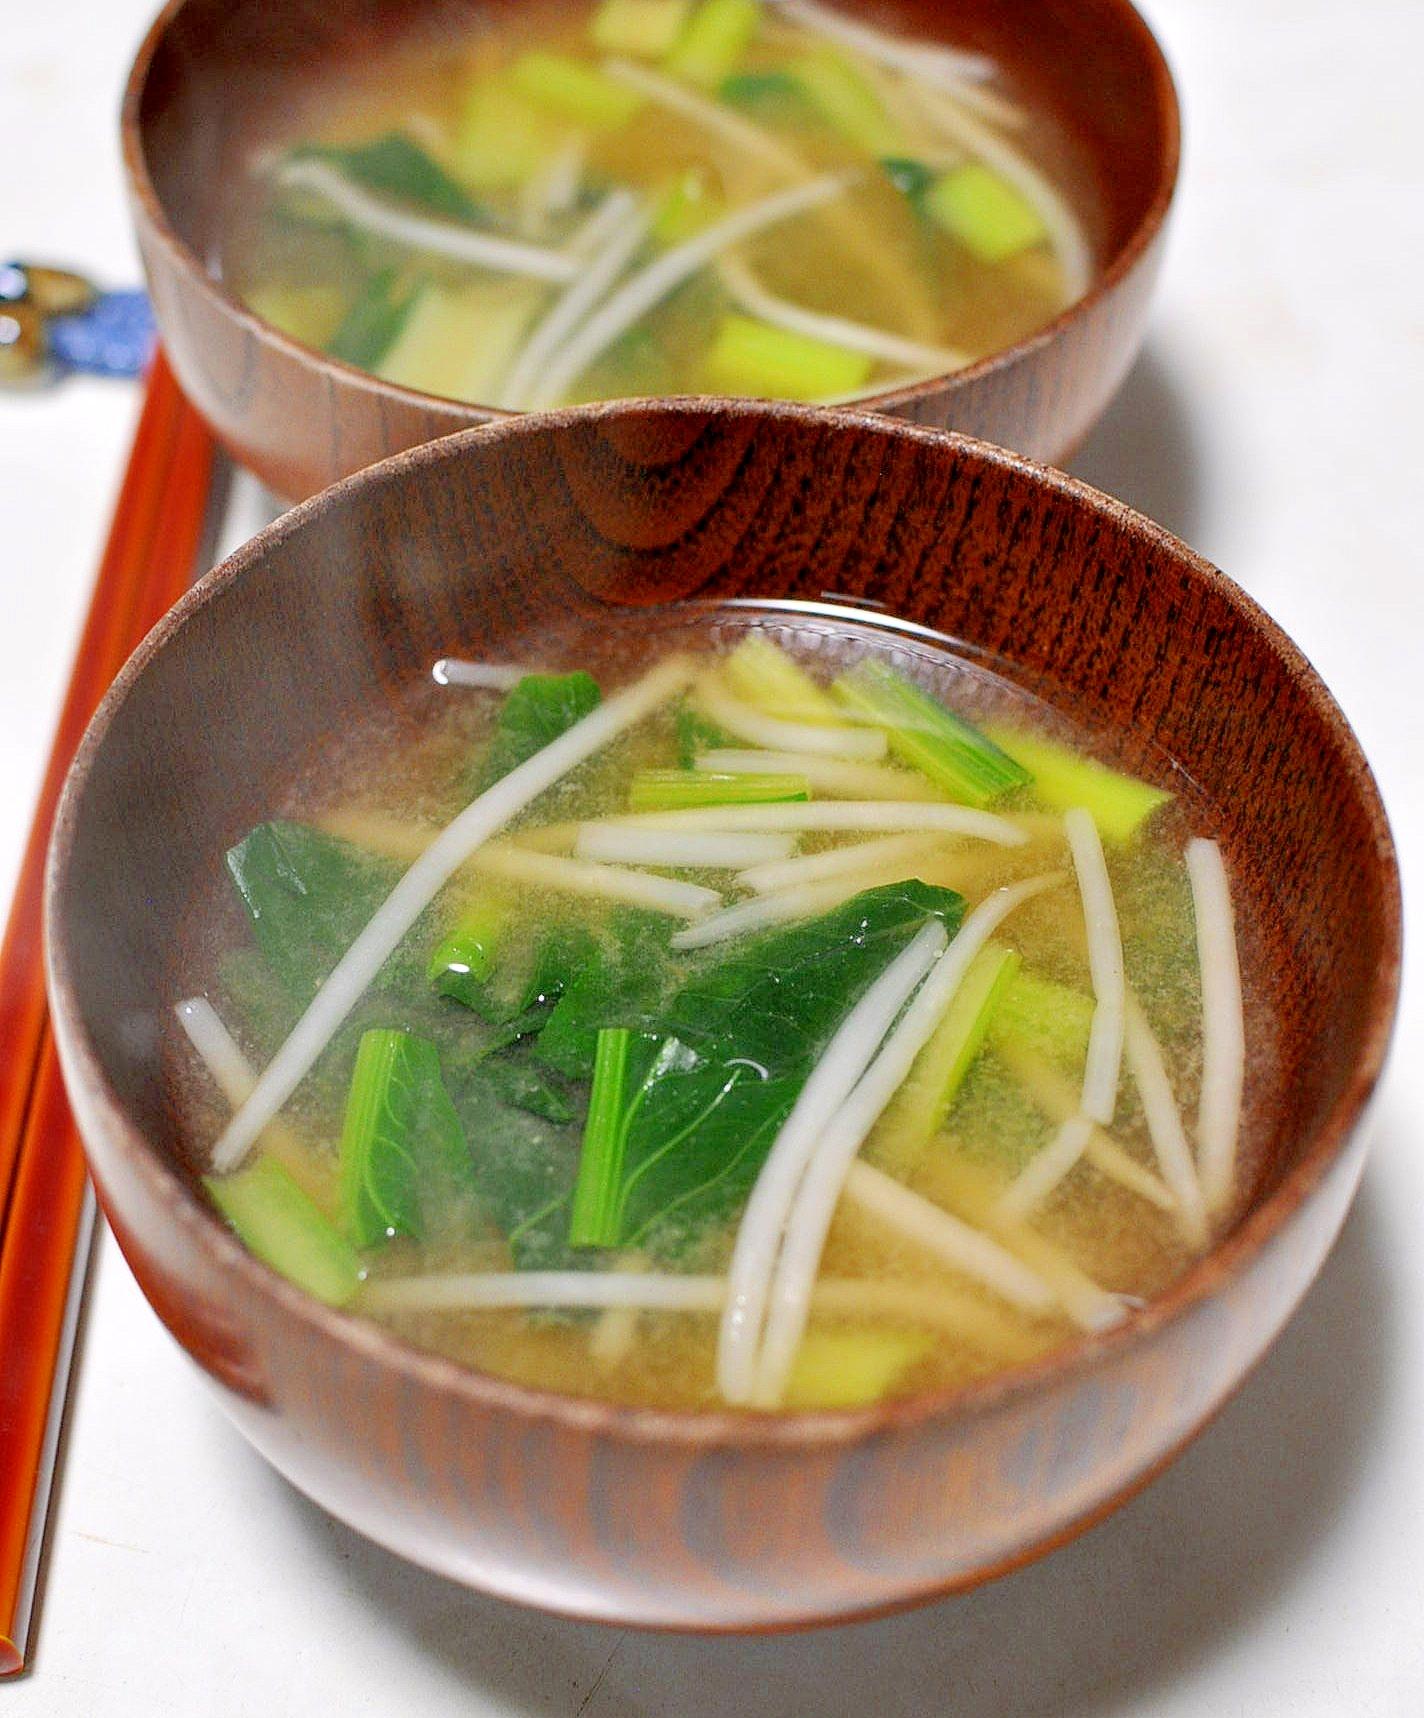 茶碗に盛られた小松菜ともやしのみそ汁